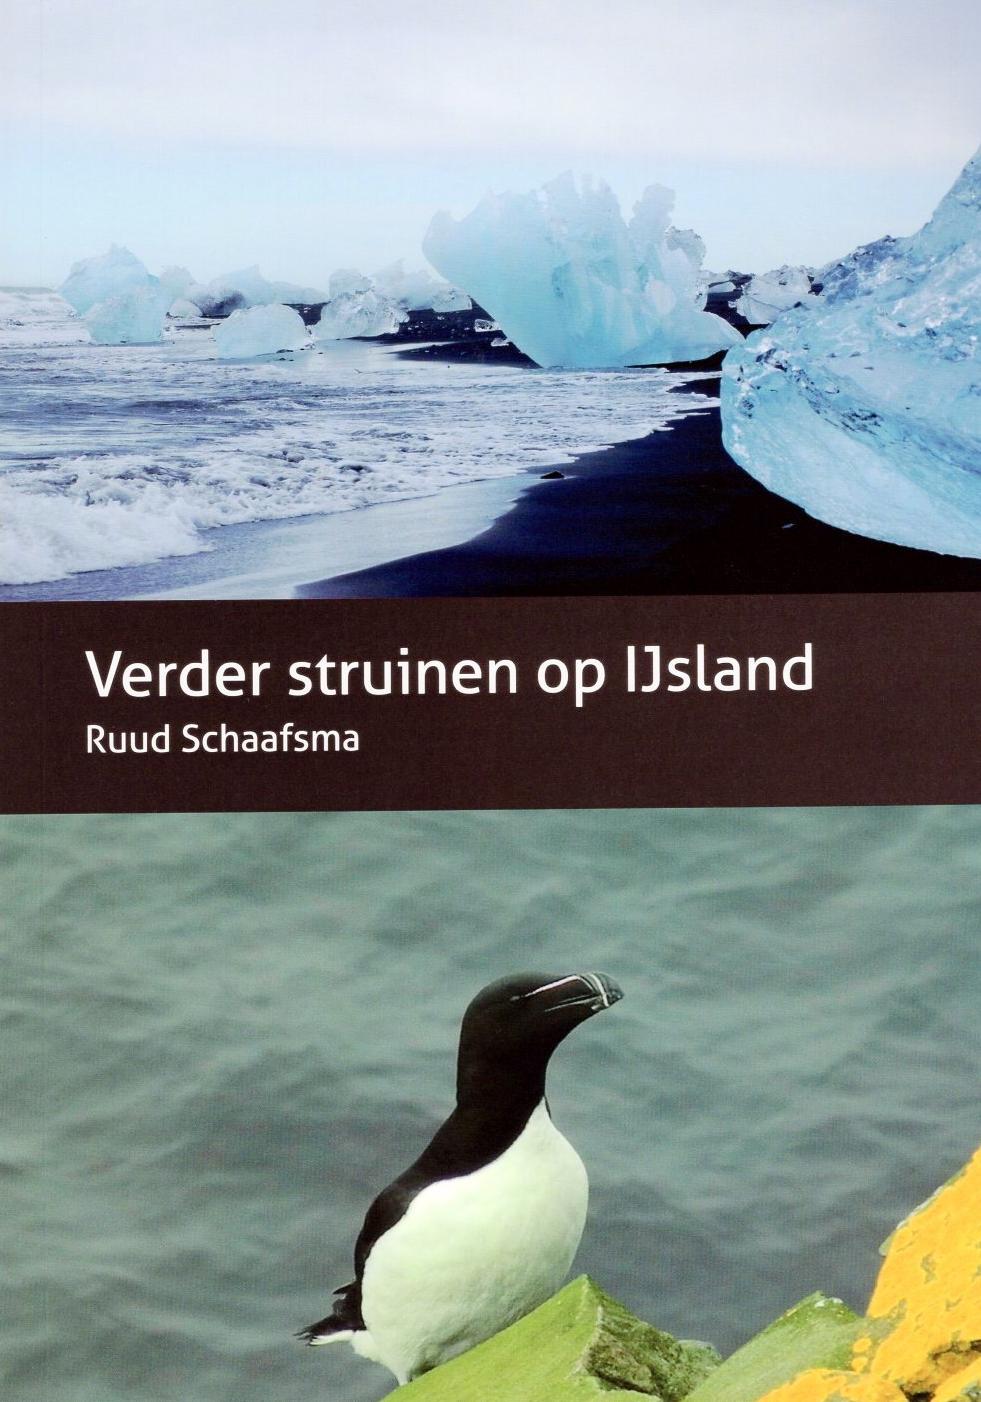 Verder Struinen op IJsland | Ruud Schaafsma 9789463320795 Ruud Schaafsma Ruud Schaafsma   Fotoboeken, Landeninformatie IJsland